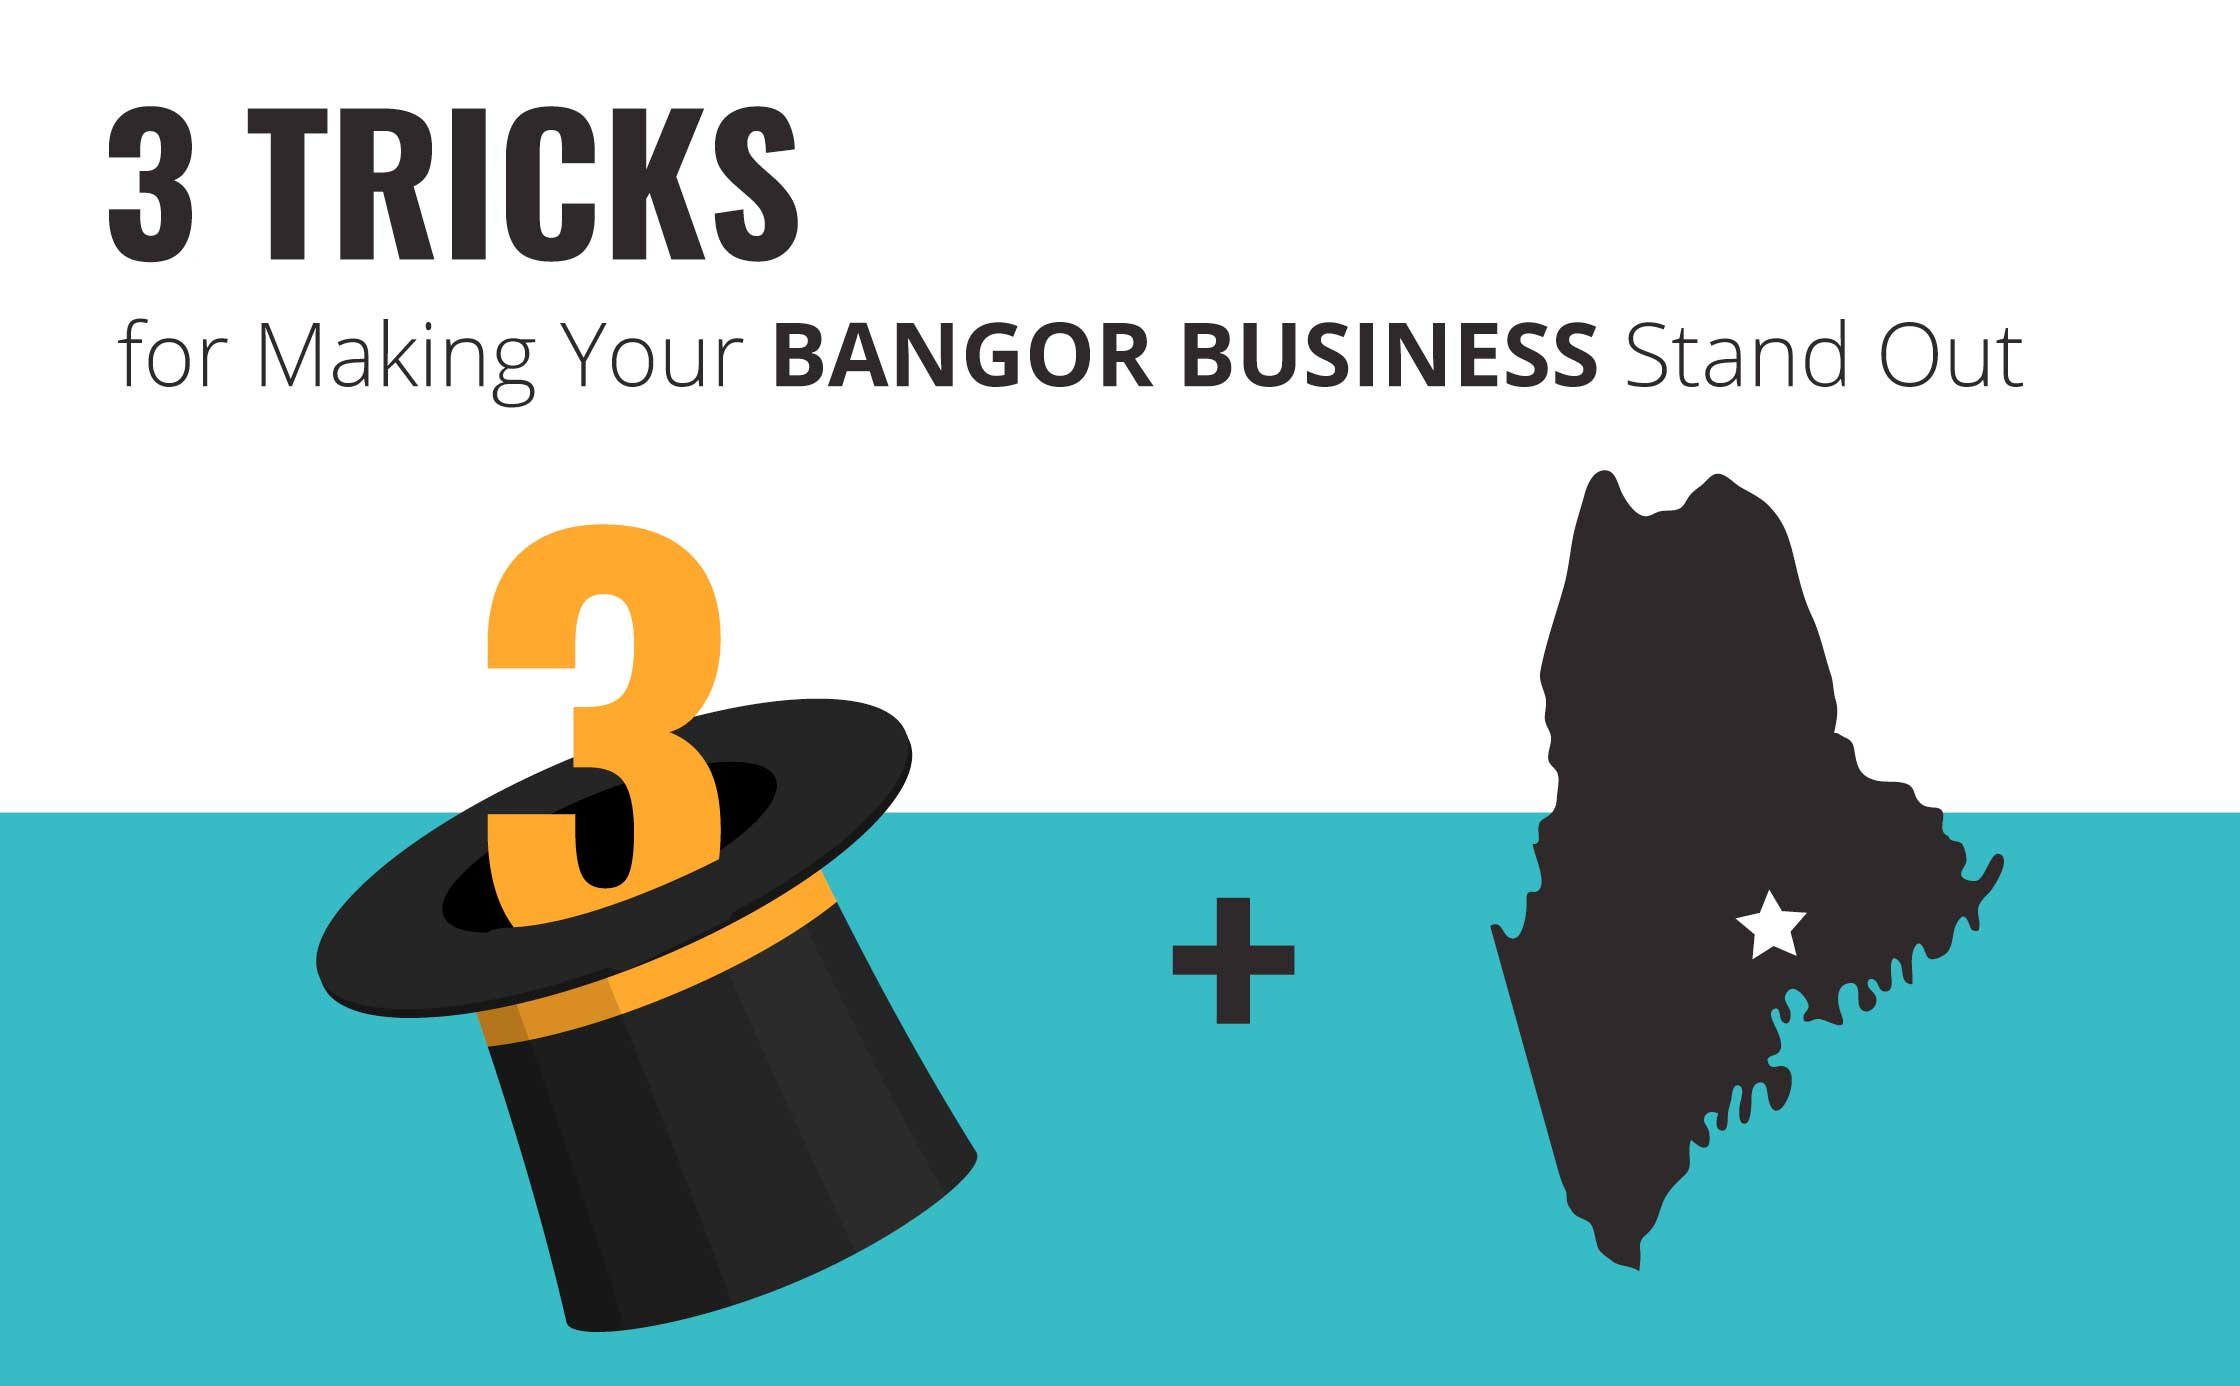 3-tricks-bangor-business